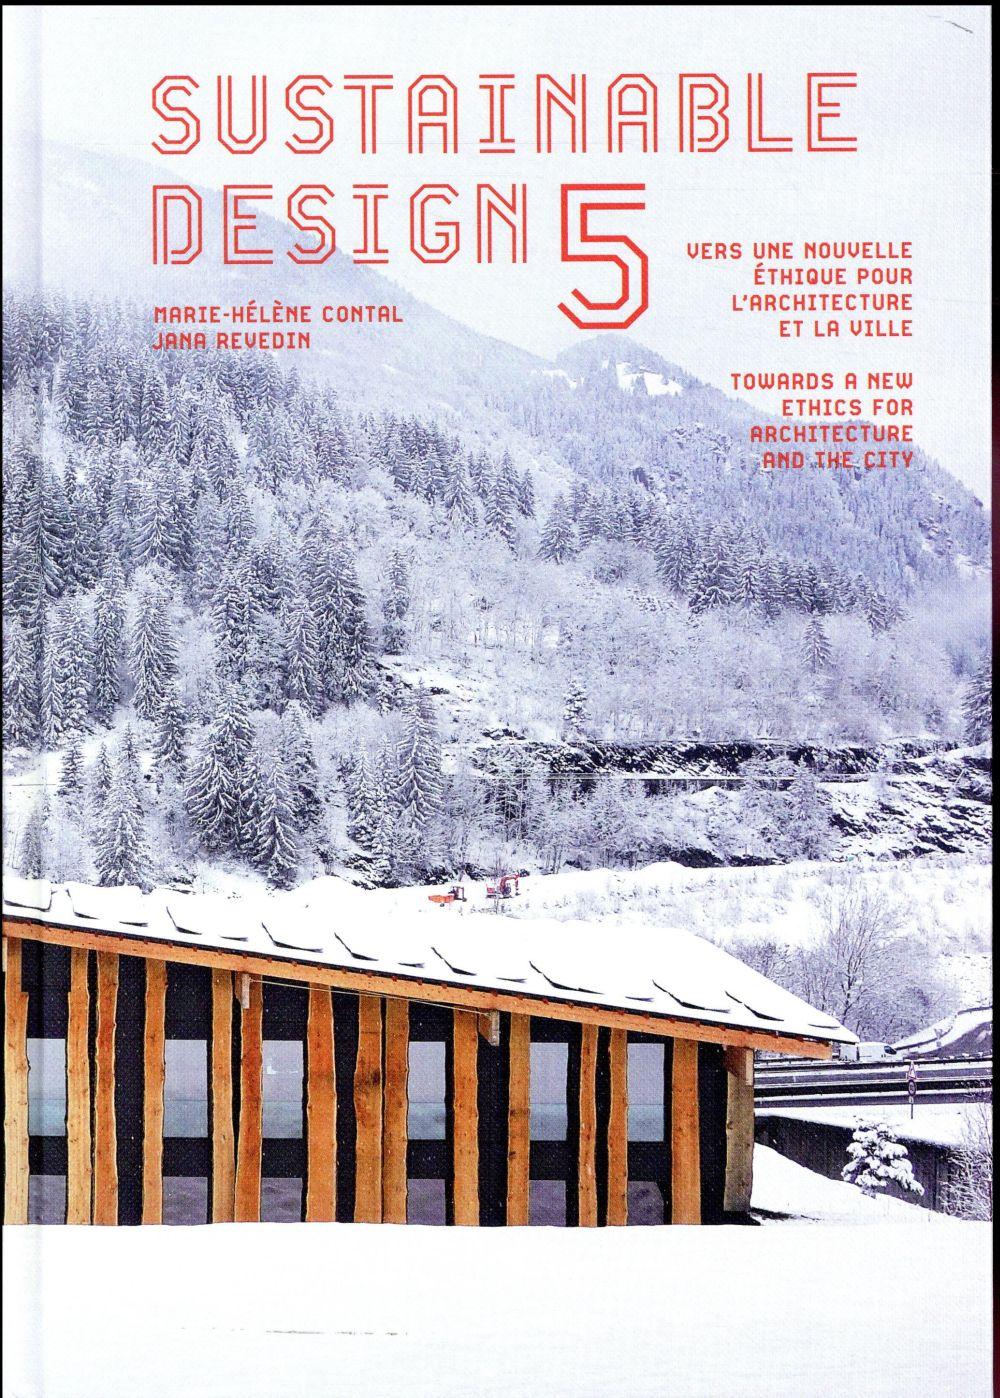 Sustainable design 5 ; vers une nouvelle éthique pour l'architecture et la ville